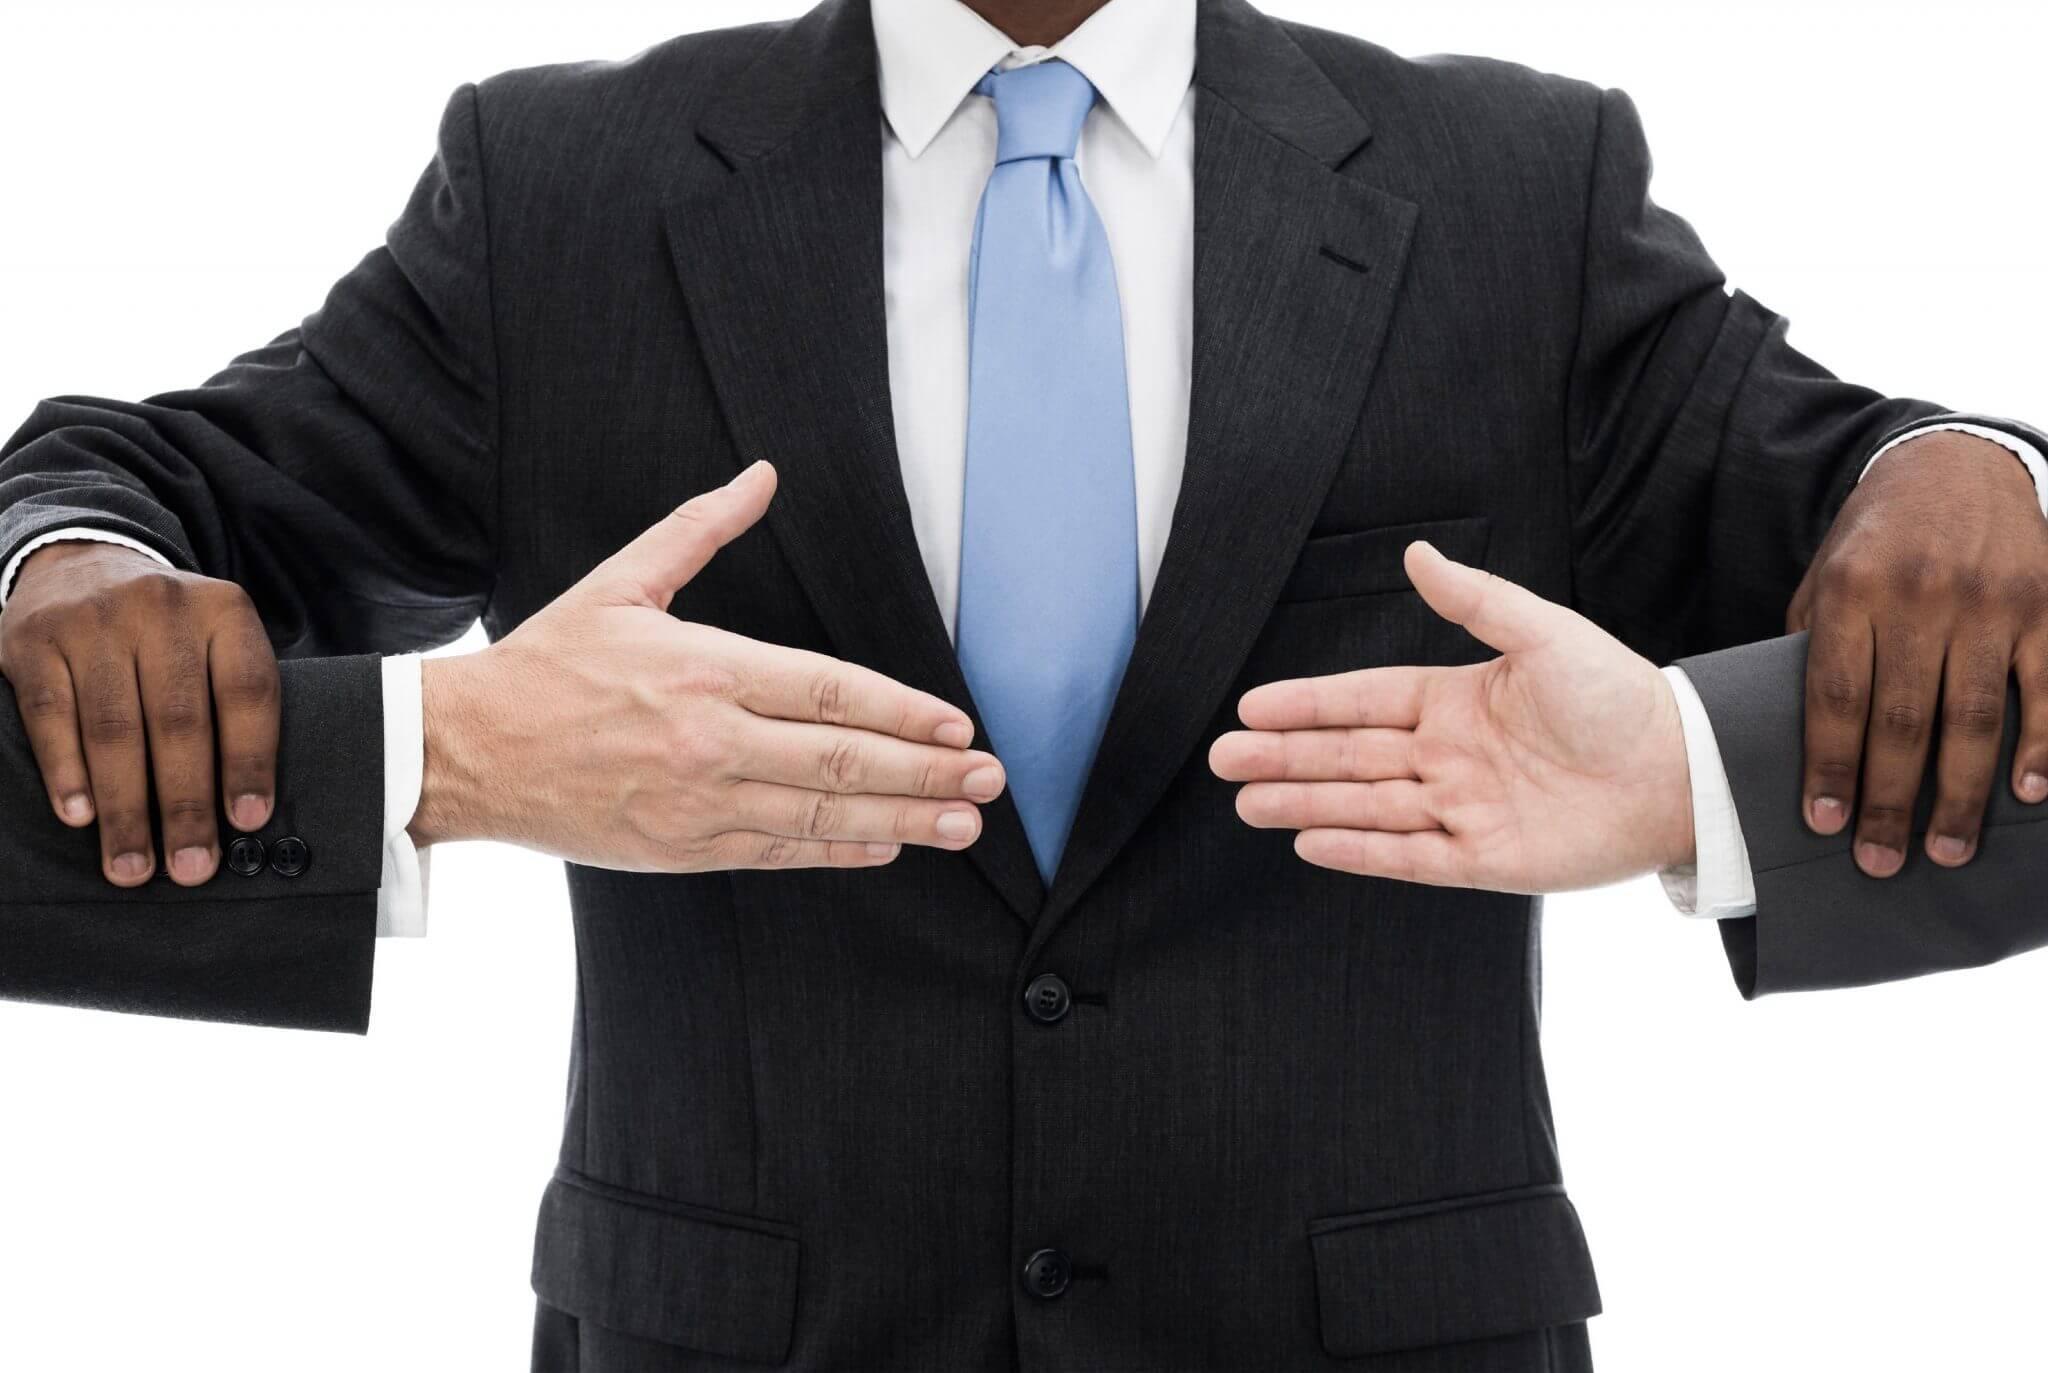 Предсудебная претензия должнику, образец, порядок оформления